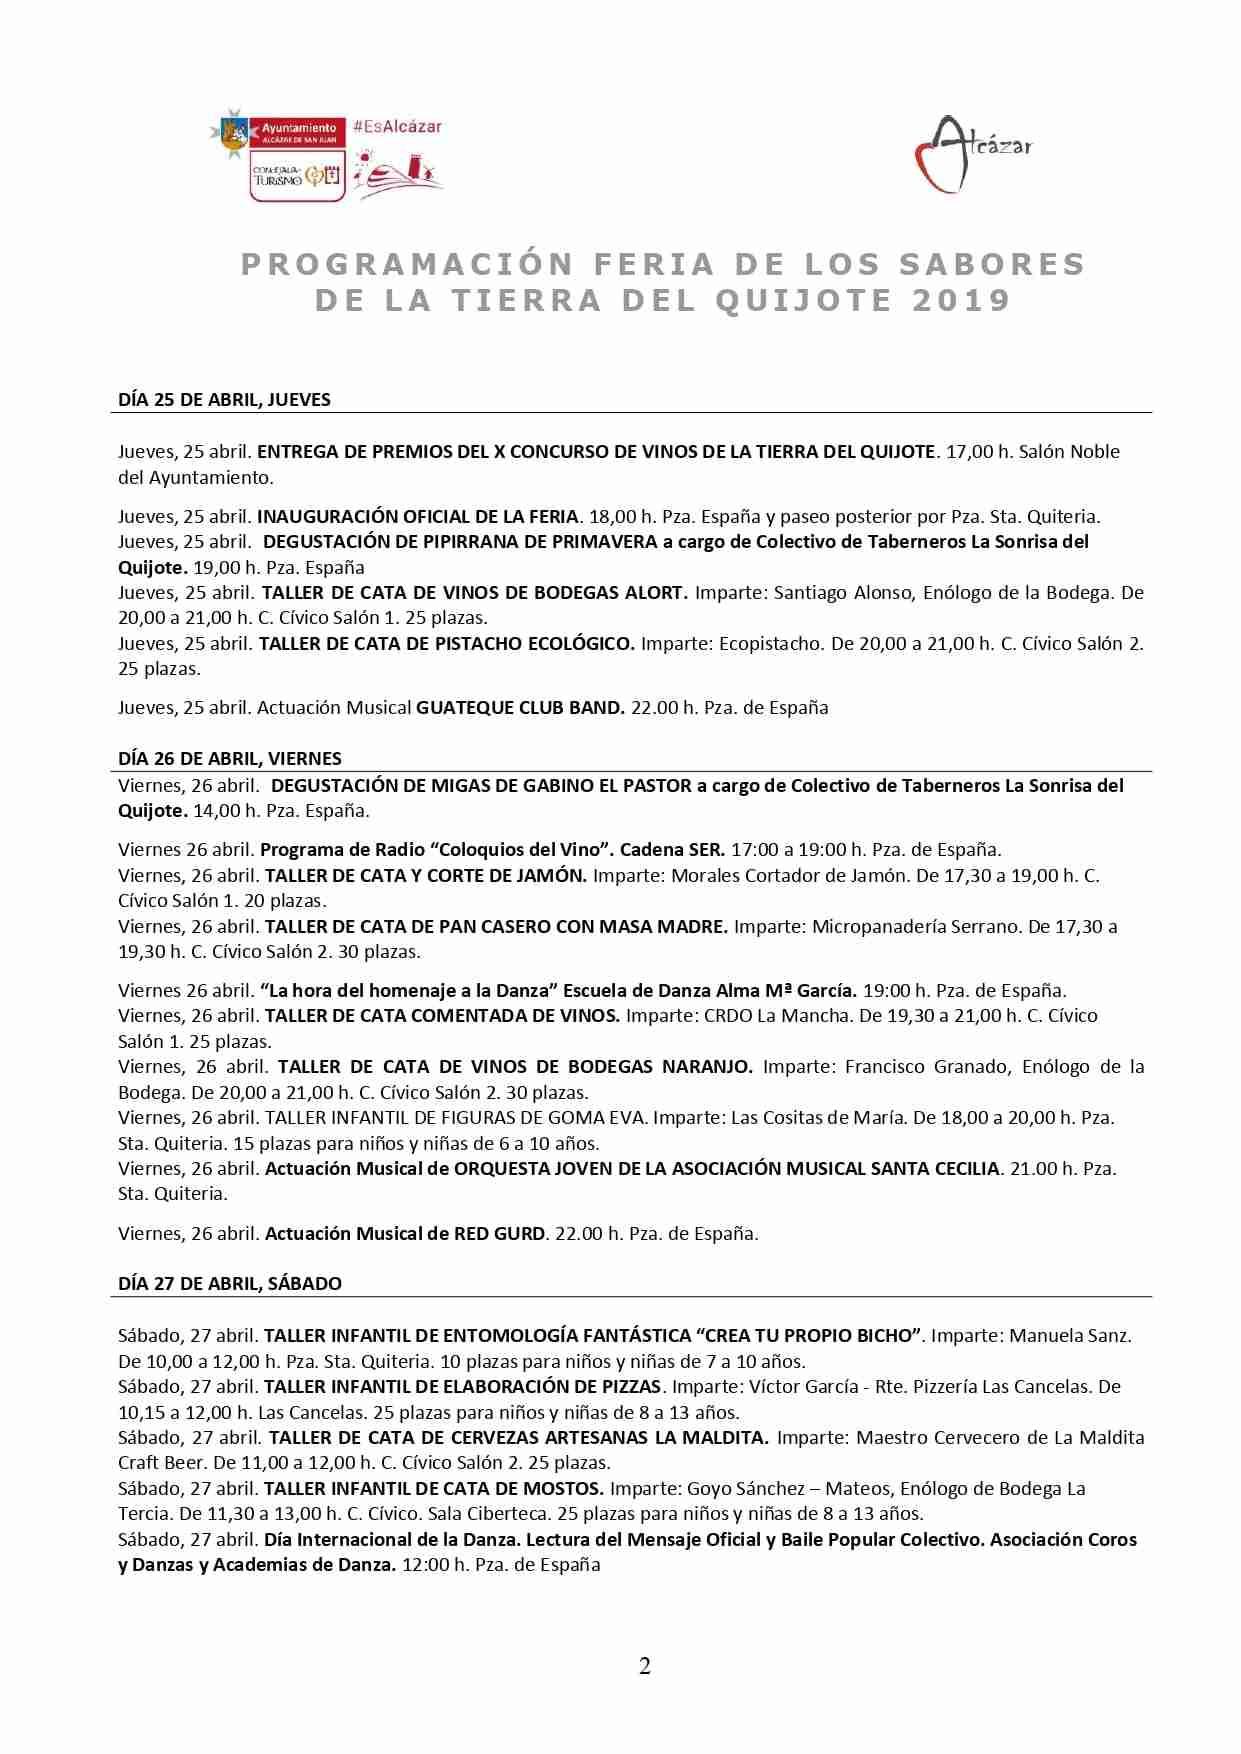 Presentada la programación de la Feria de los Sabores de la Tierra del Quijote 3